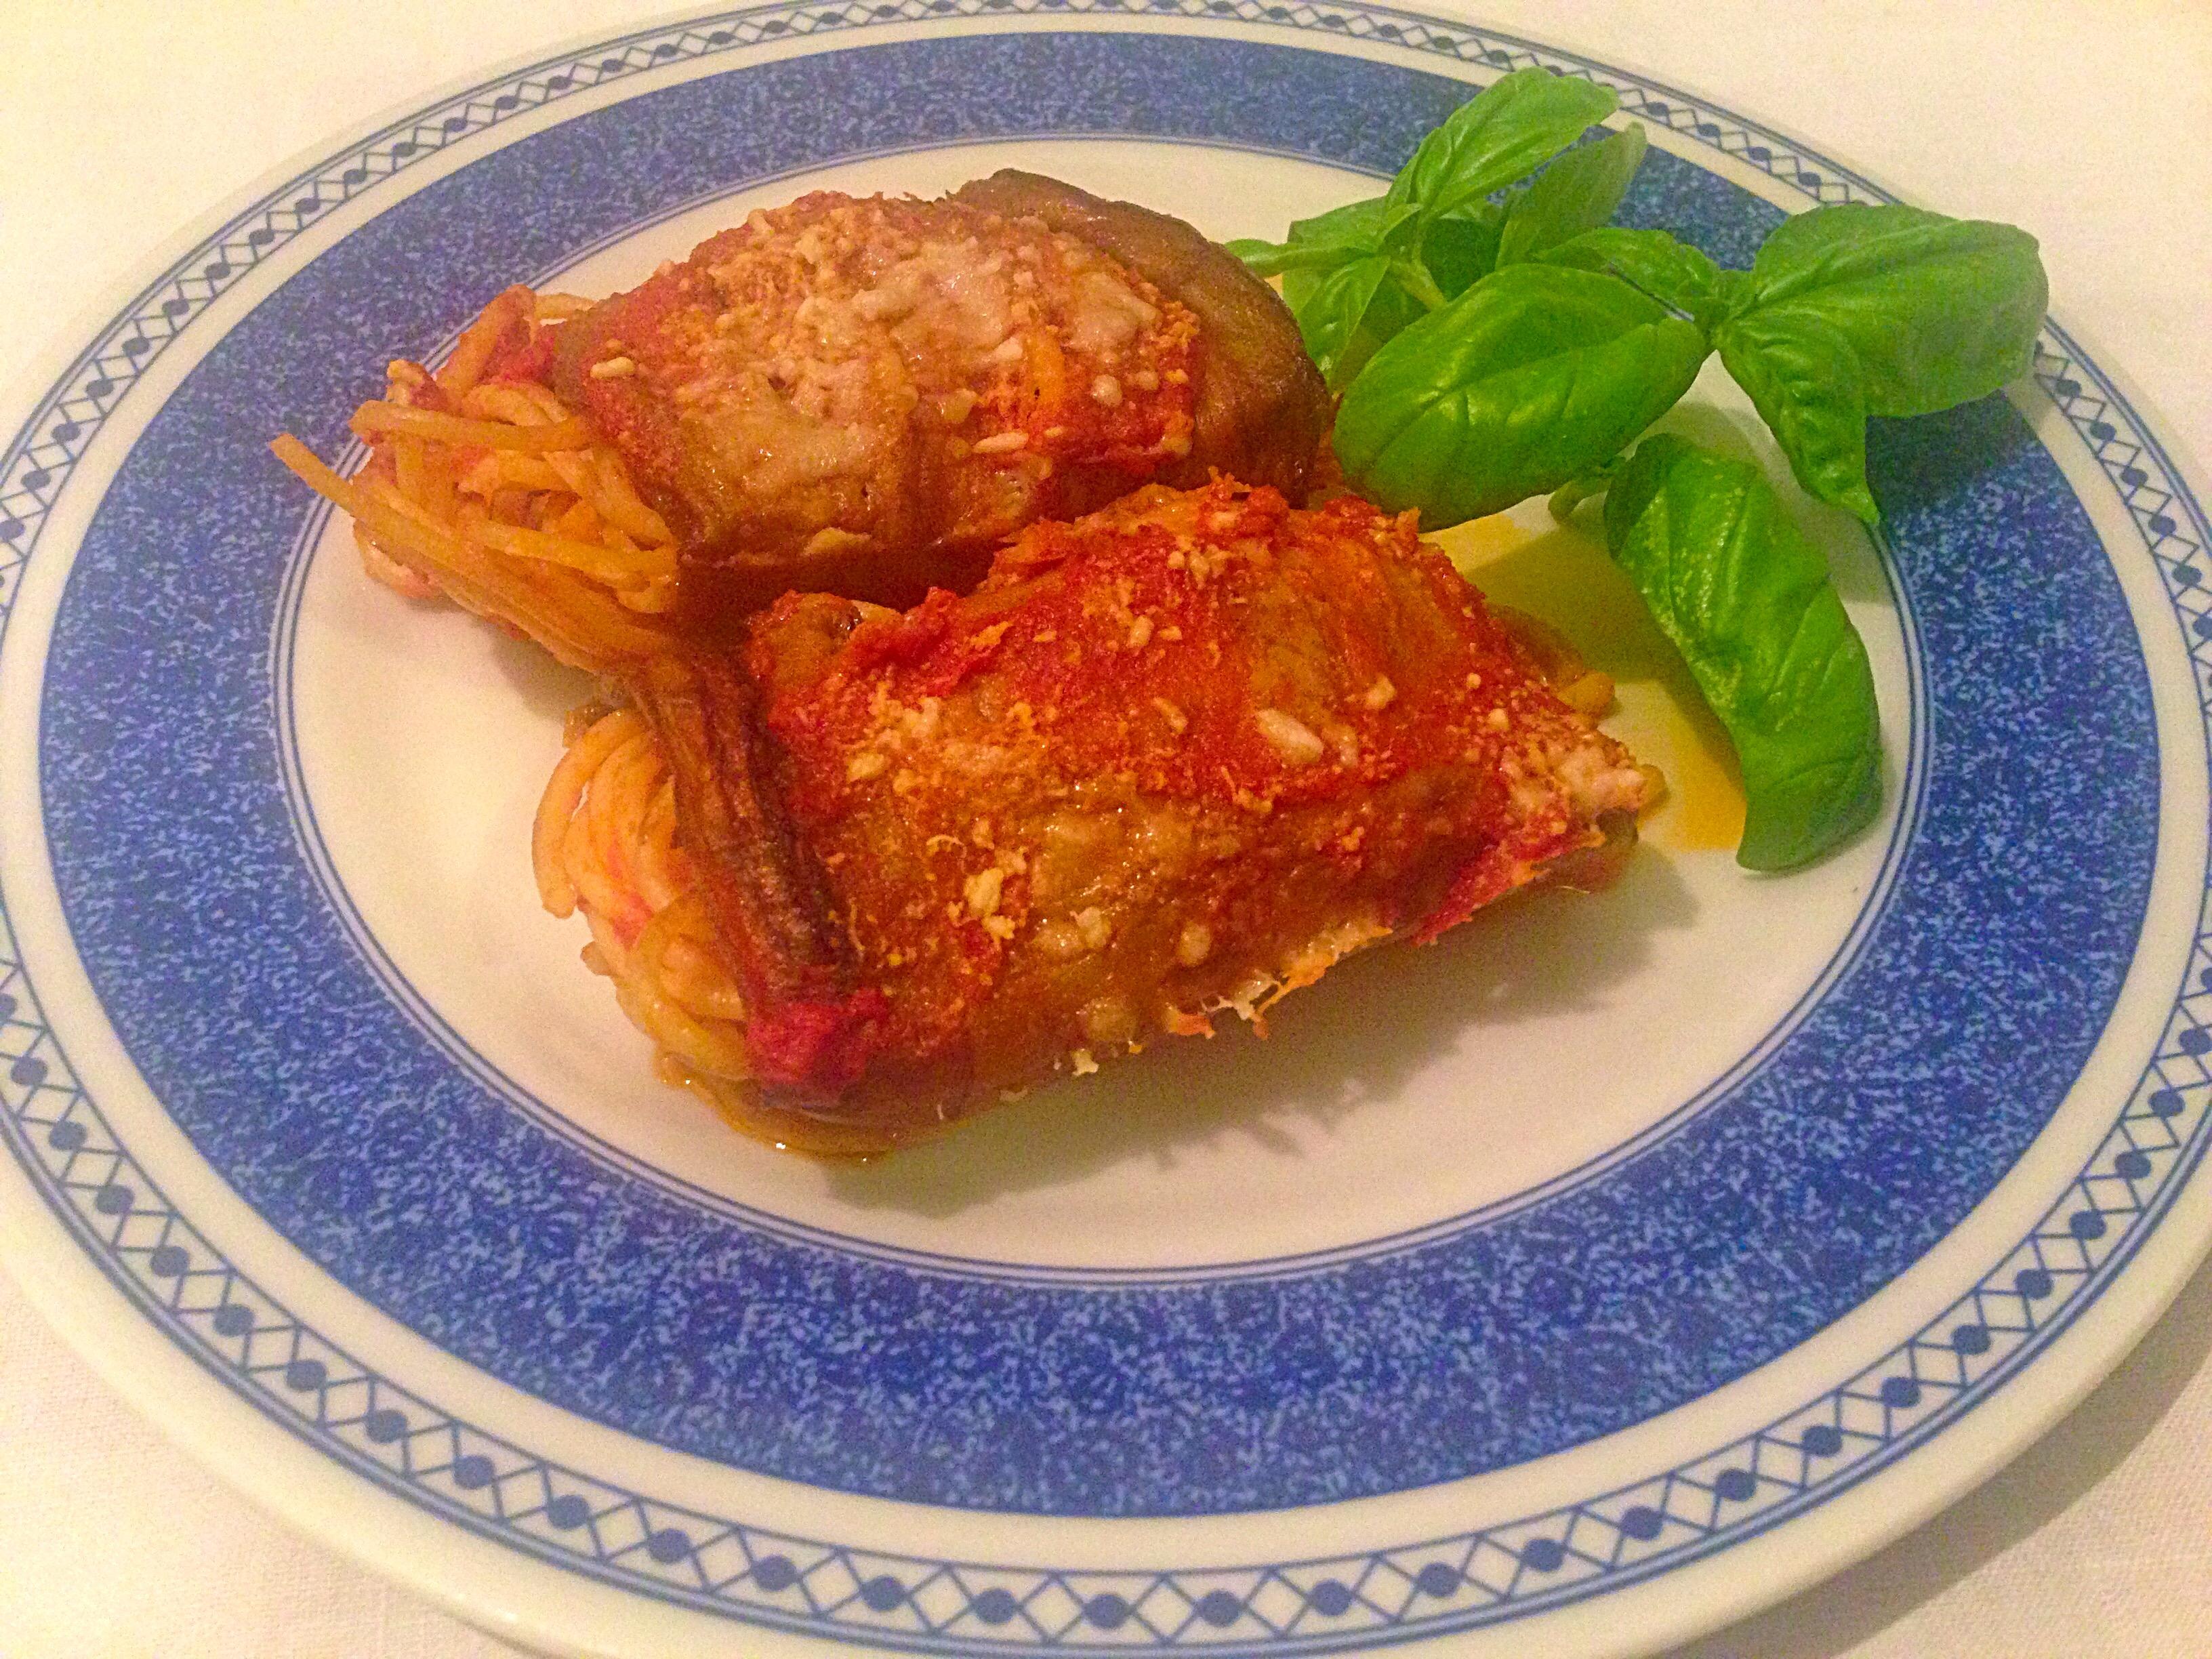 Doppiette di Melanzane, una ricetta tipica messinese di dolci senza burro